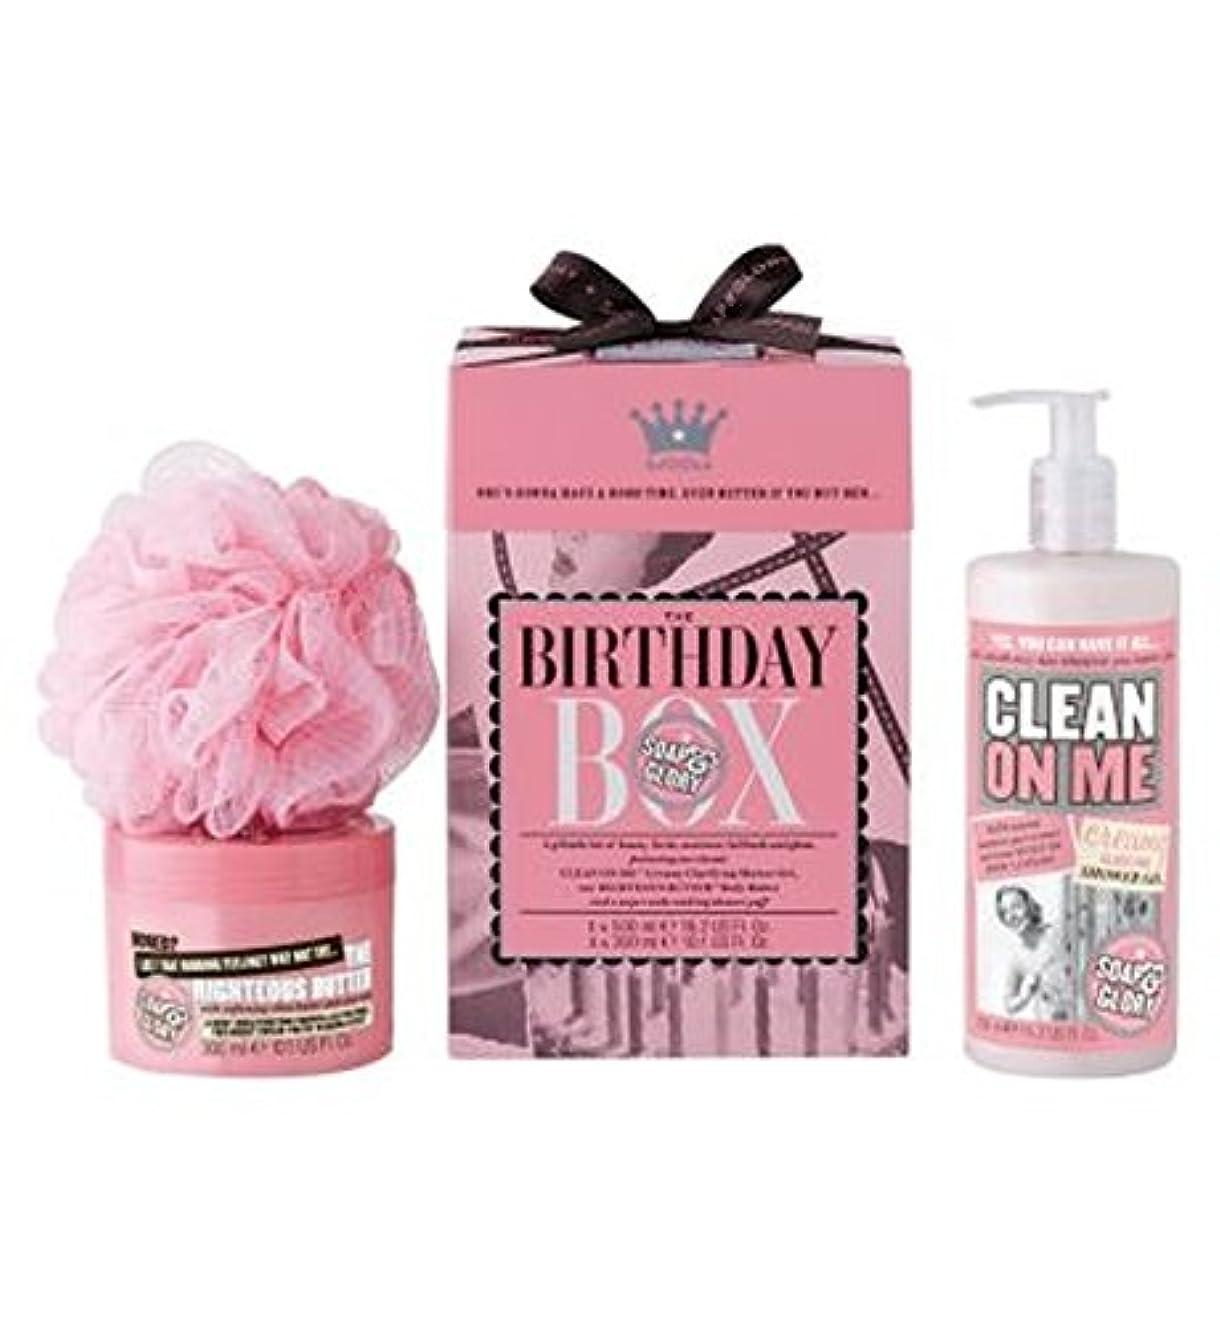 束ねる番目歌手Soap & Glory The Birthday Box Gift Set - 石鹸&栄光の誕生日箱のギフトセット (Soap & Glory) [並行輸入品]